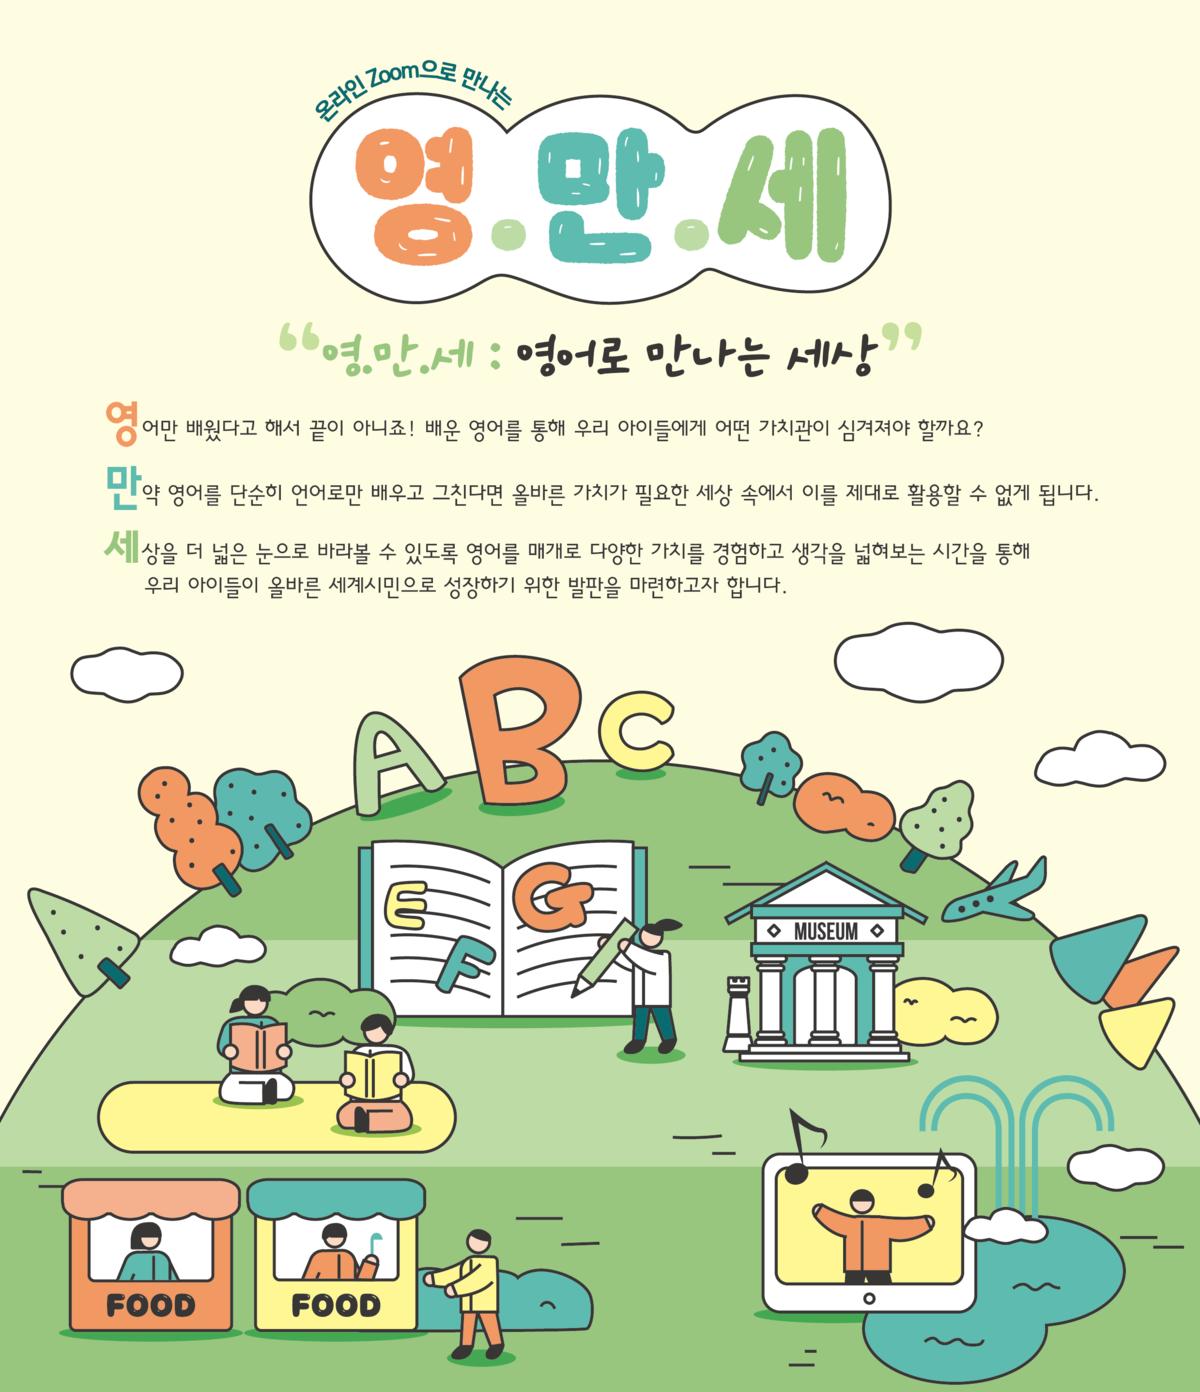 영만세 메인타이틀_대지 1.png